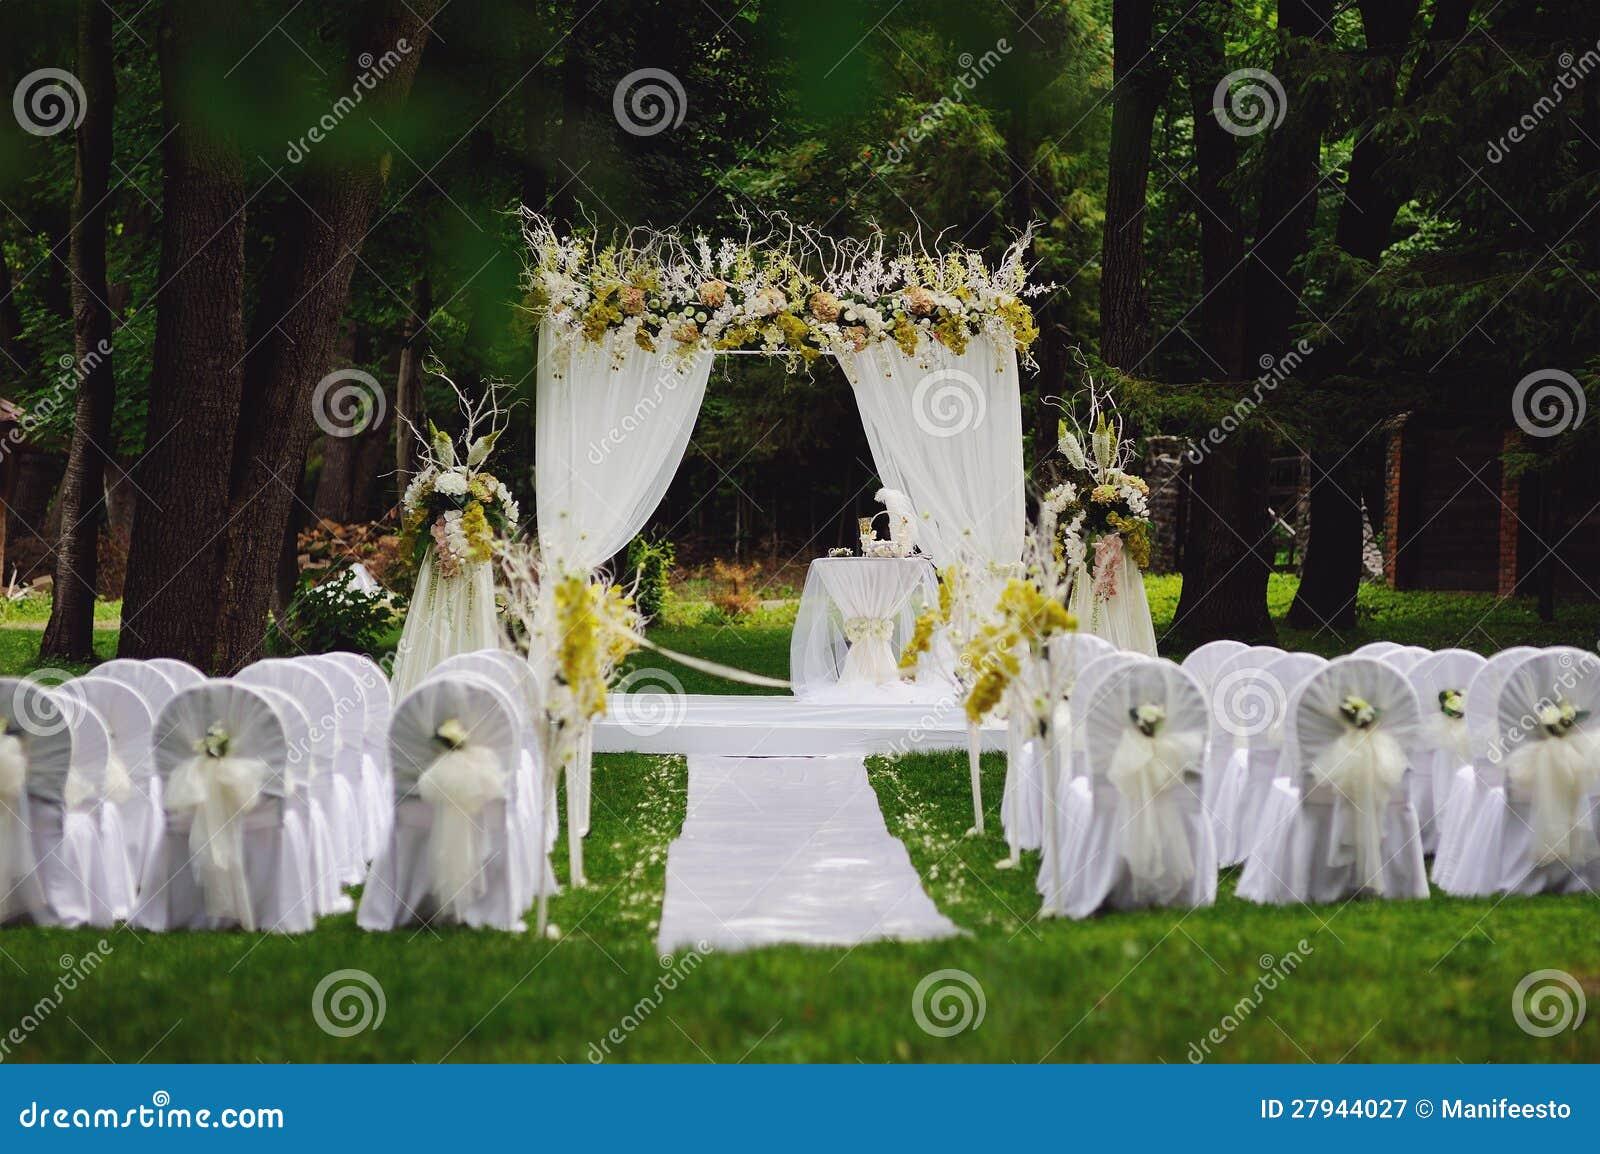 Ceremonia de boda en jard n imagen de archivo imagen for Arreglo de boda en jardin